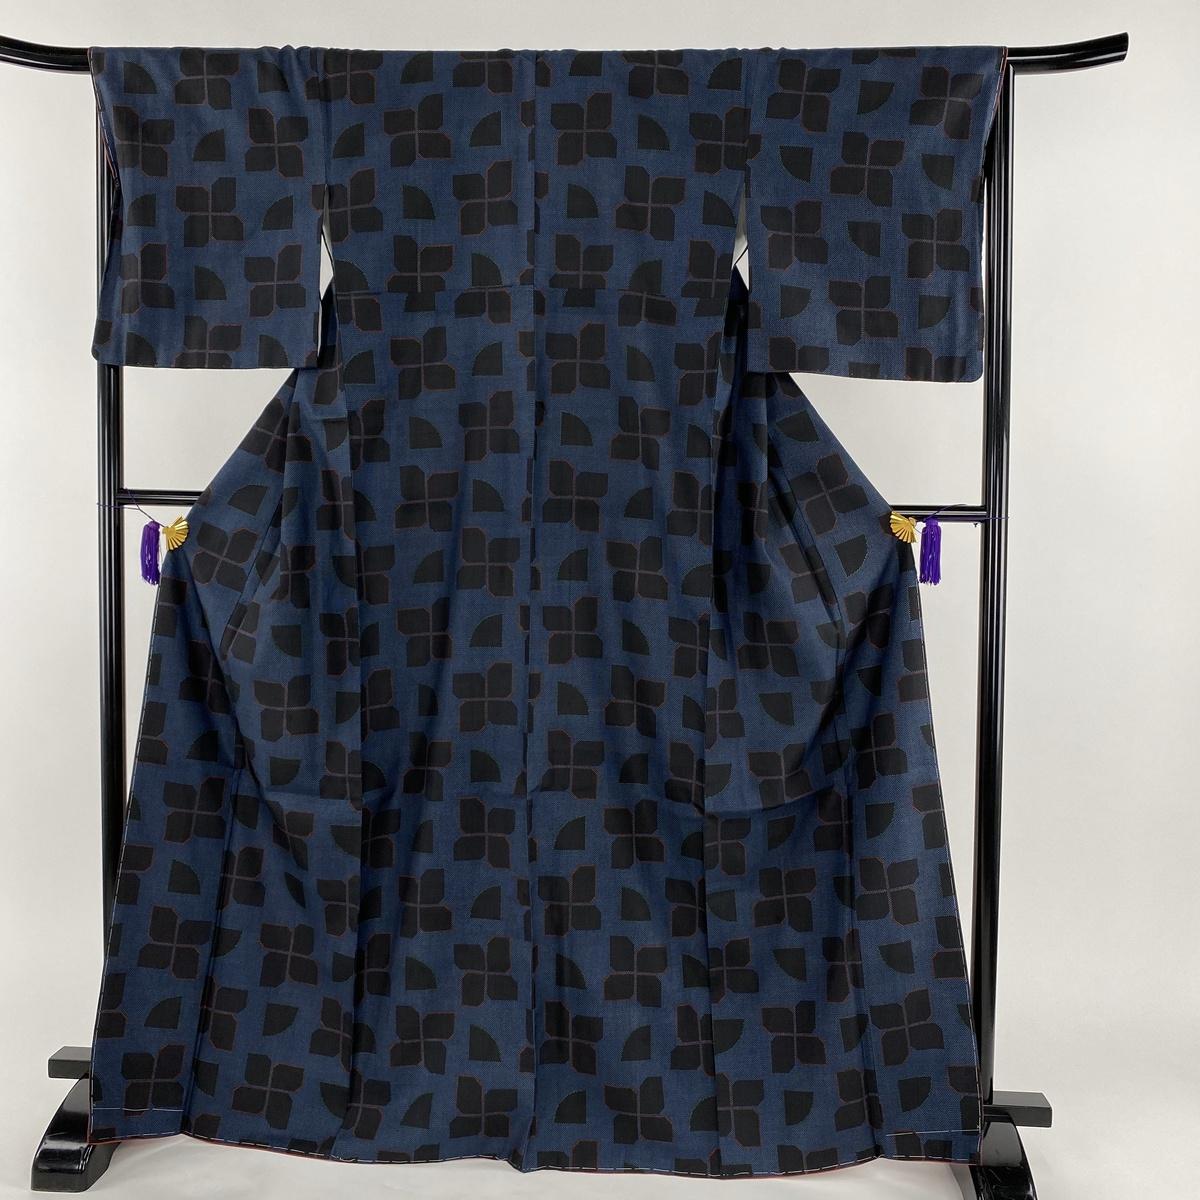 紬 美品 秀品 幾何学 藍色 袷 身丈168.5cm 裄丈67.5cm L 正絹 【中古】